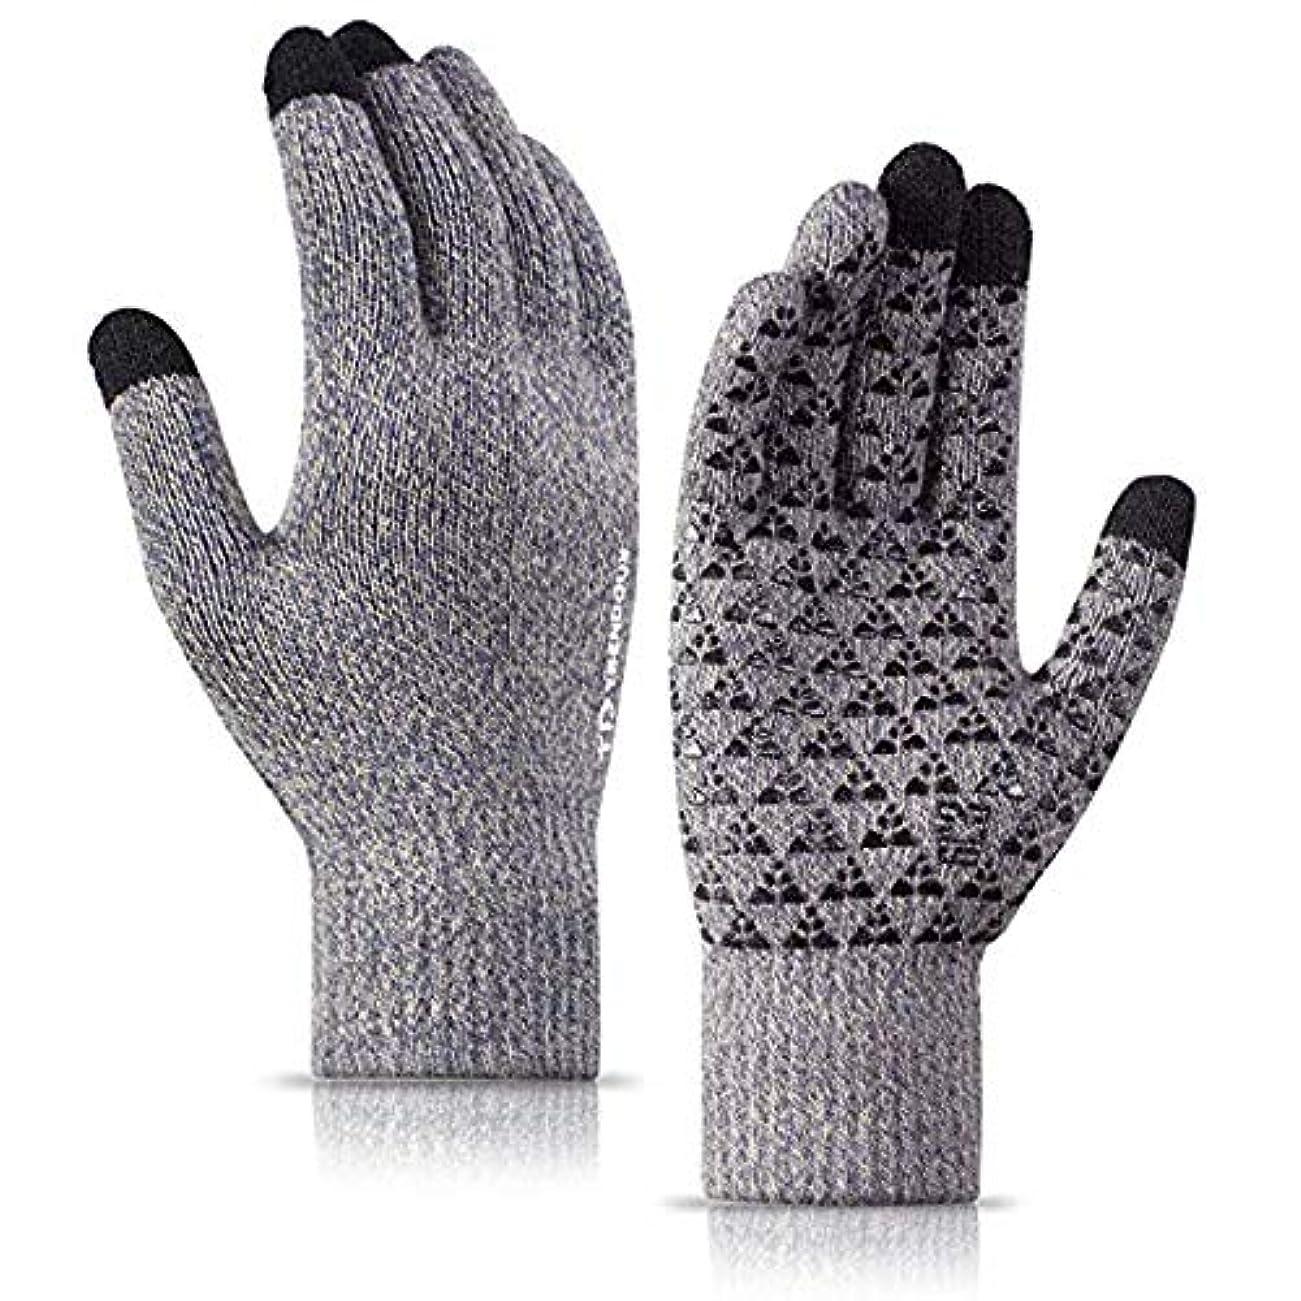 断片ネストスタジオ男性と女性のための冬の手袋 - ニットタッチスクリーンアンチスリップシリコーンゲル - 弾性カフ - サーマルソフトウールライニング - 伸縮性のある素材,XL